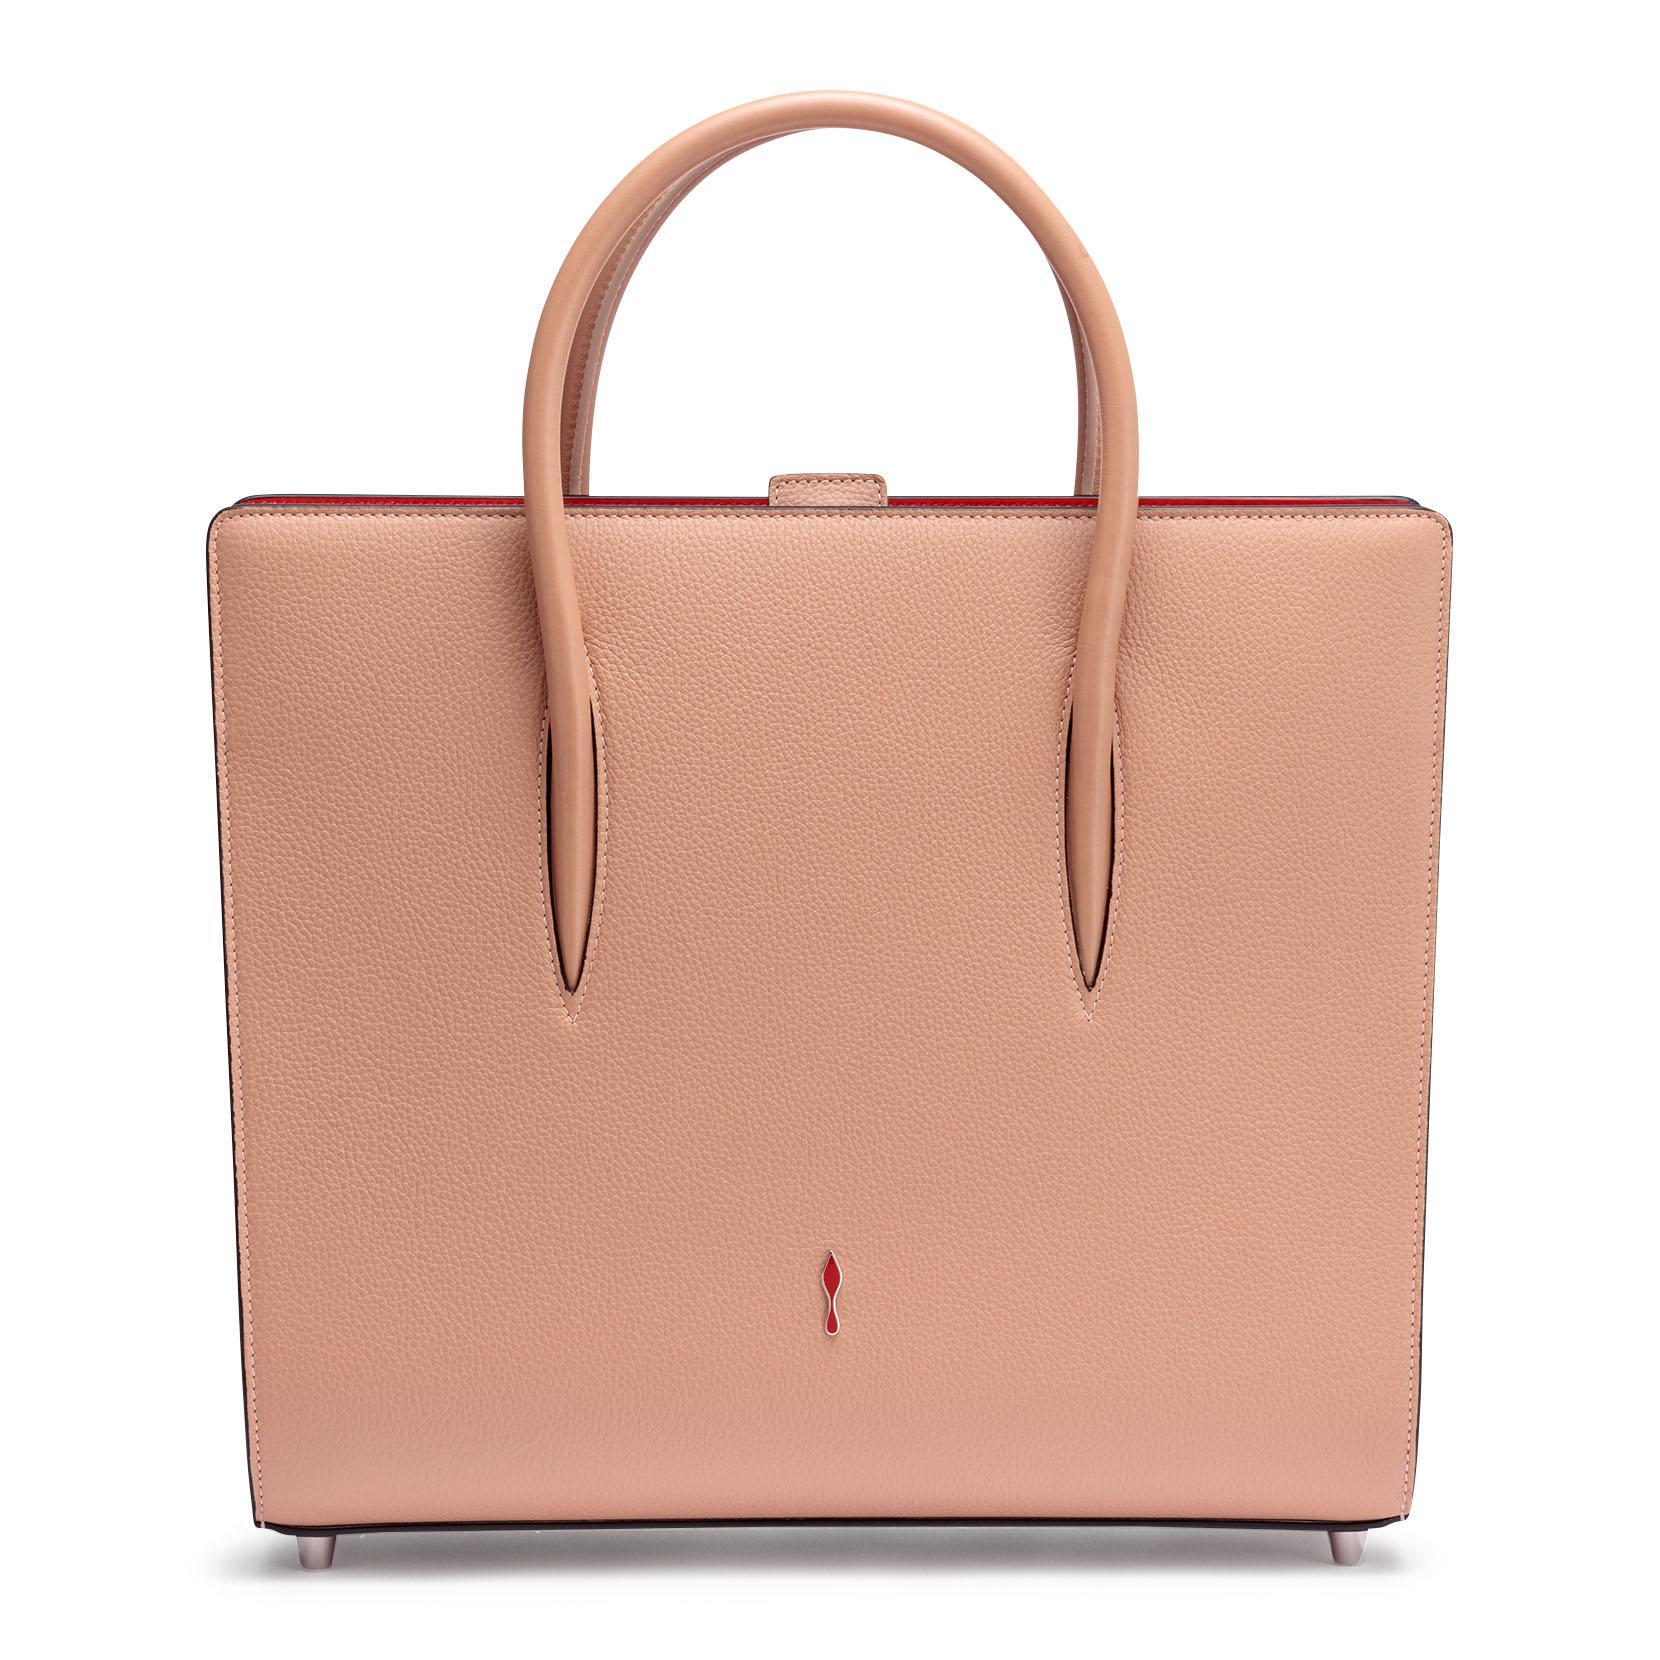 e867f69a9d6 Paloma Large Beige Leather Tote Bag